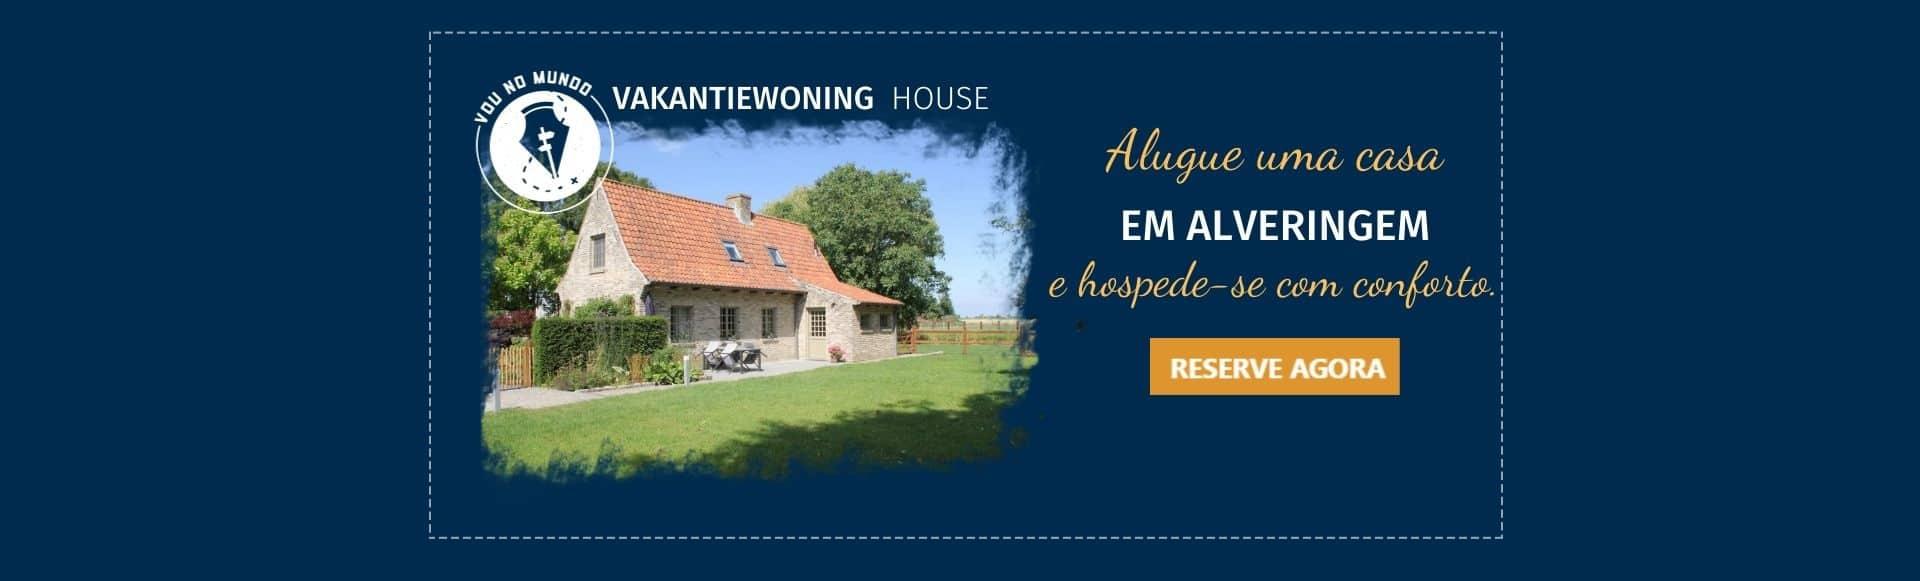 Hotel em Alveringem